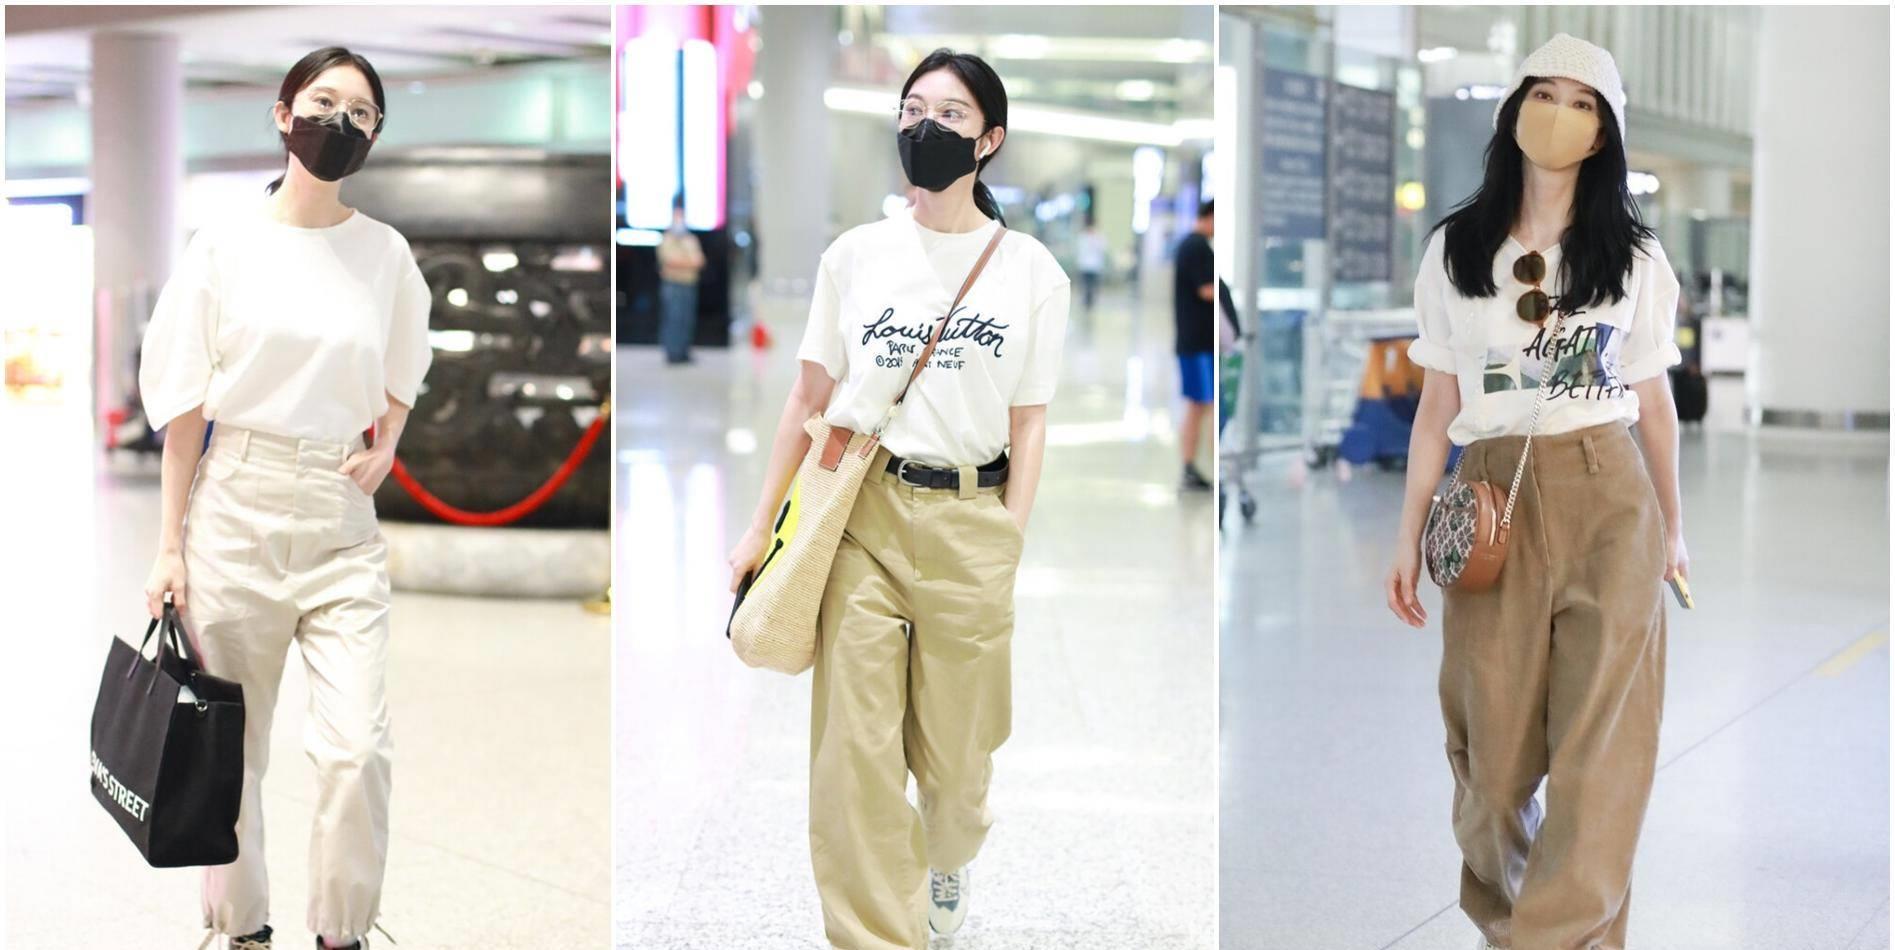 33歲張儷露臍裝+工裝褲,實力秀螞蟻腰,好身材不當模特可惜瞭-圖9